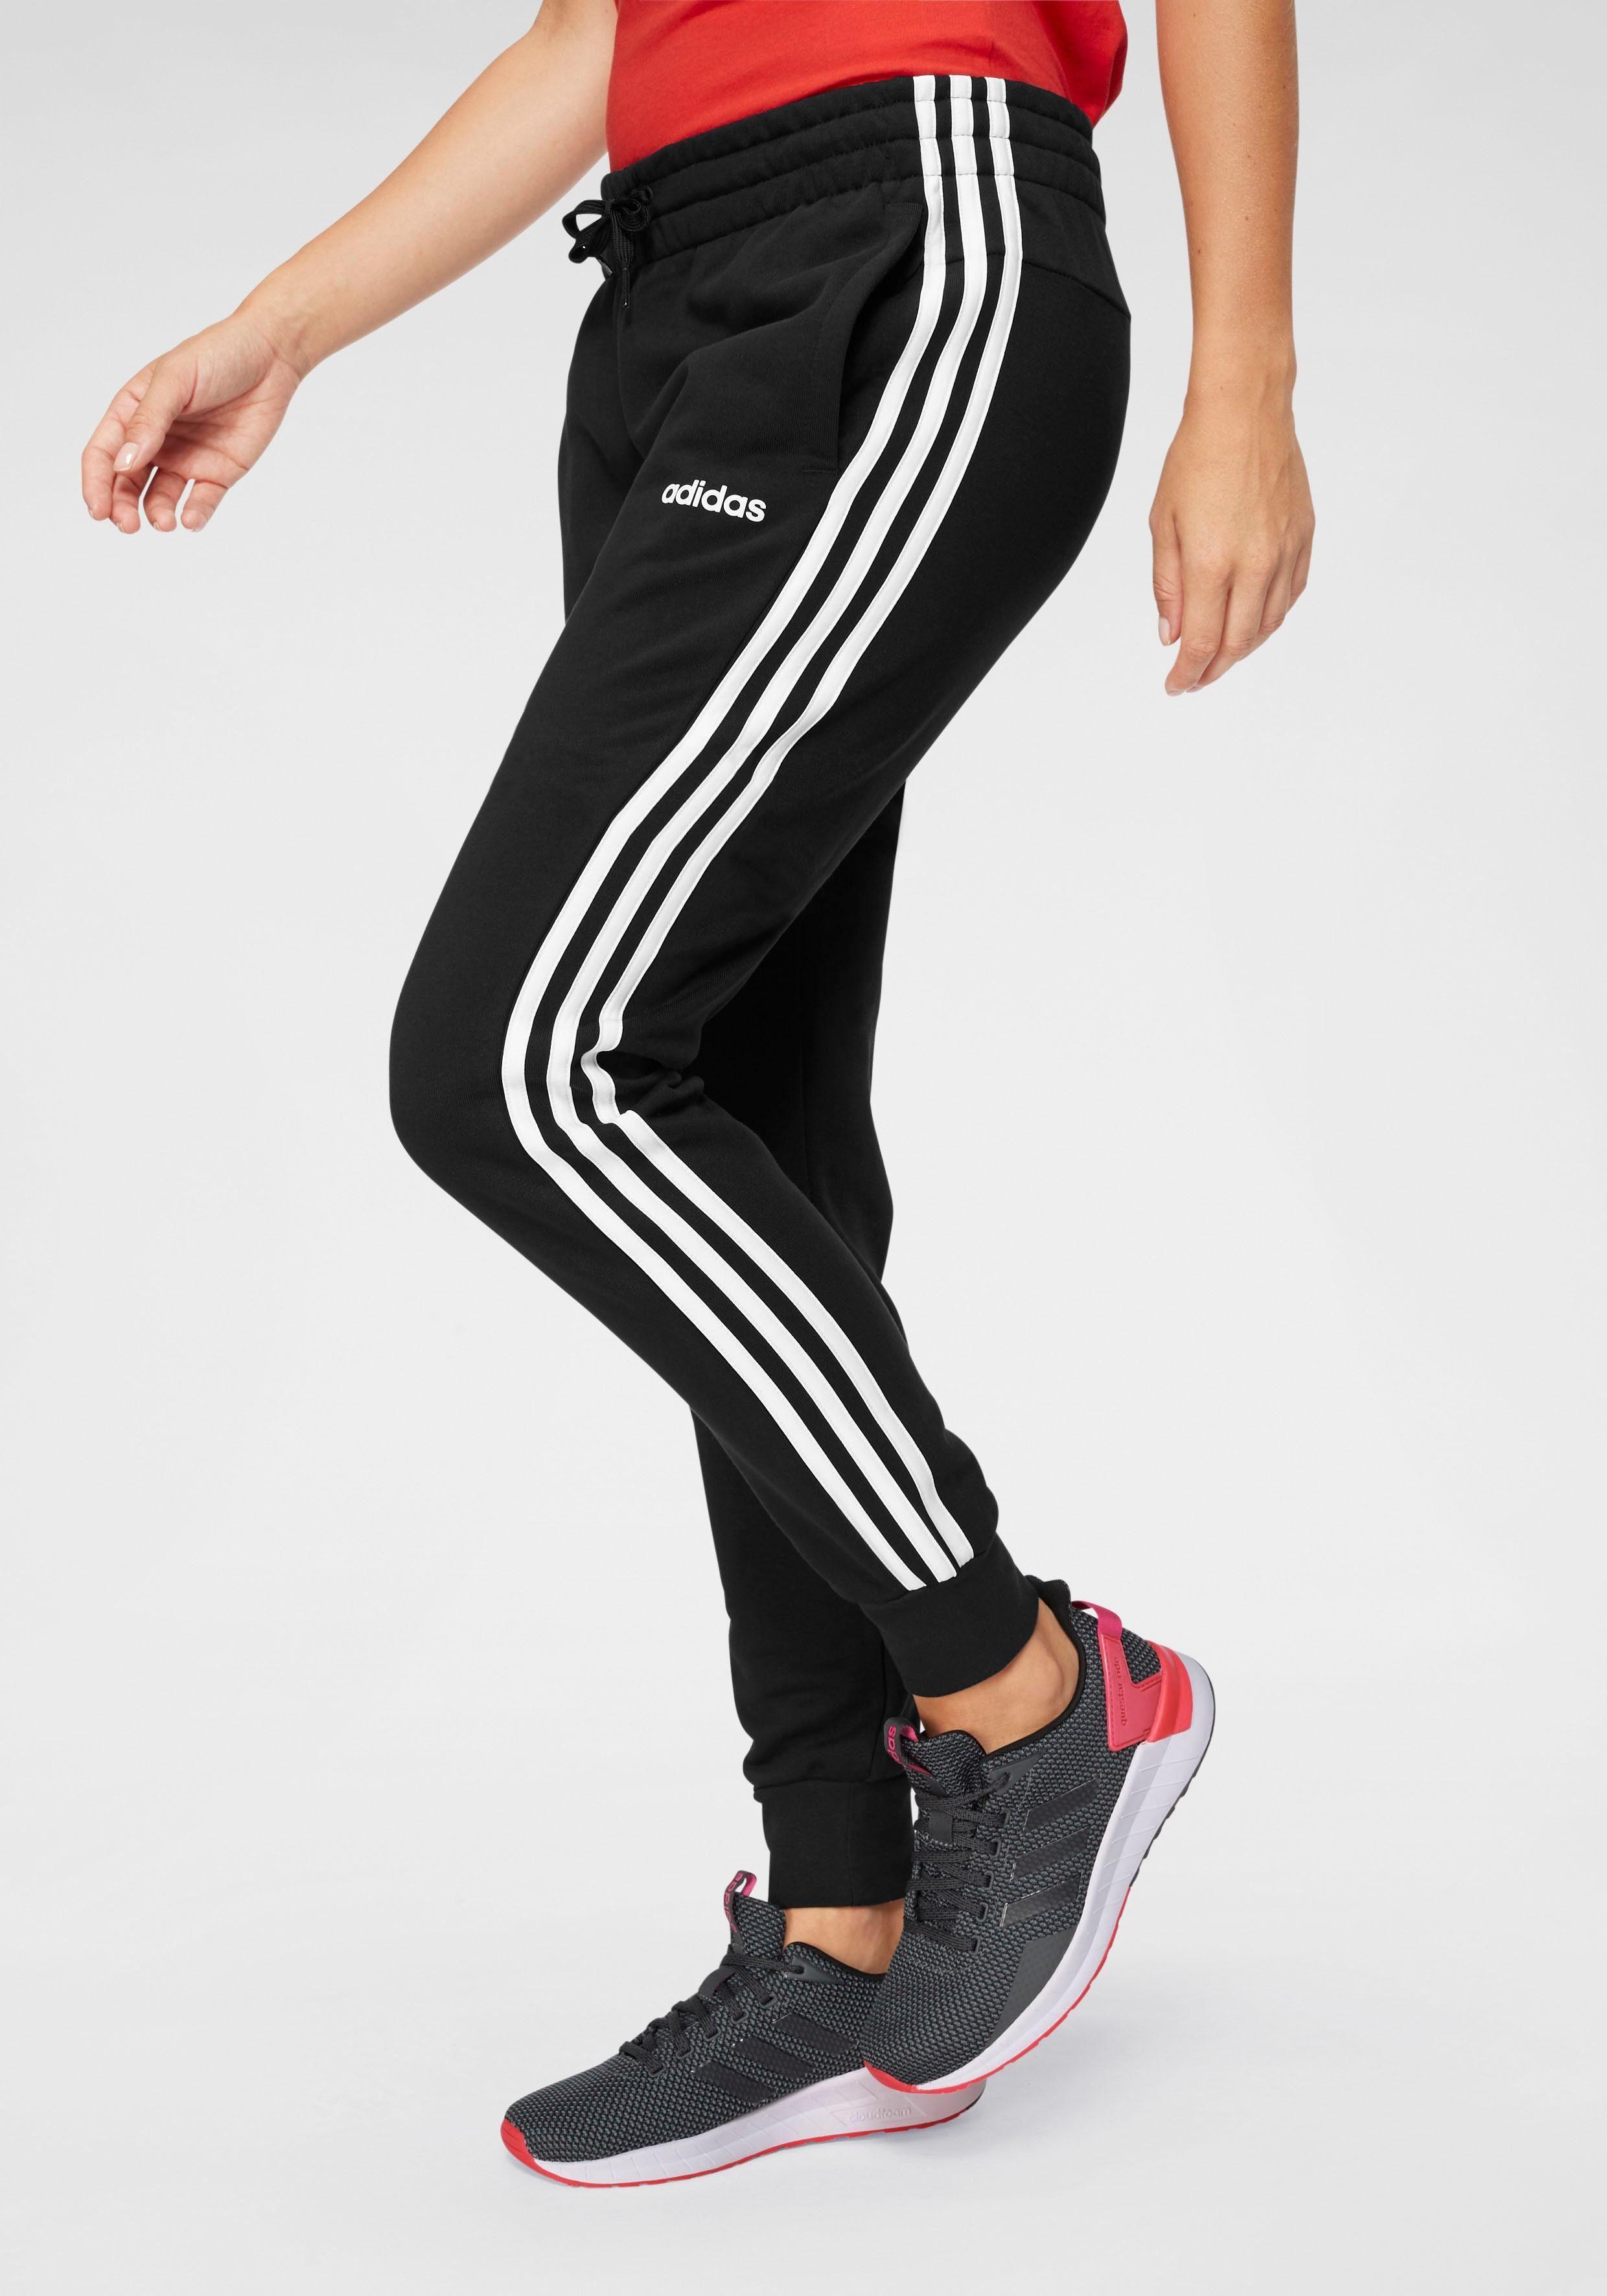 adidas Jogginghose »3 STRIPES PANT«, Jogginghose von adidas CORE SPORT  online kaufen | OTTO